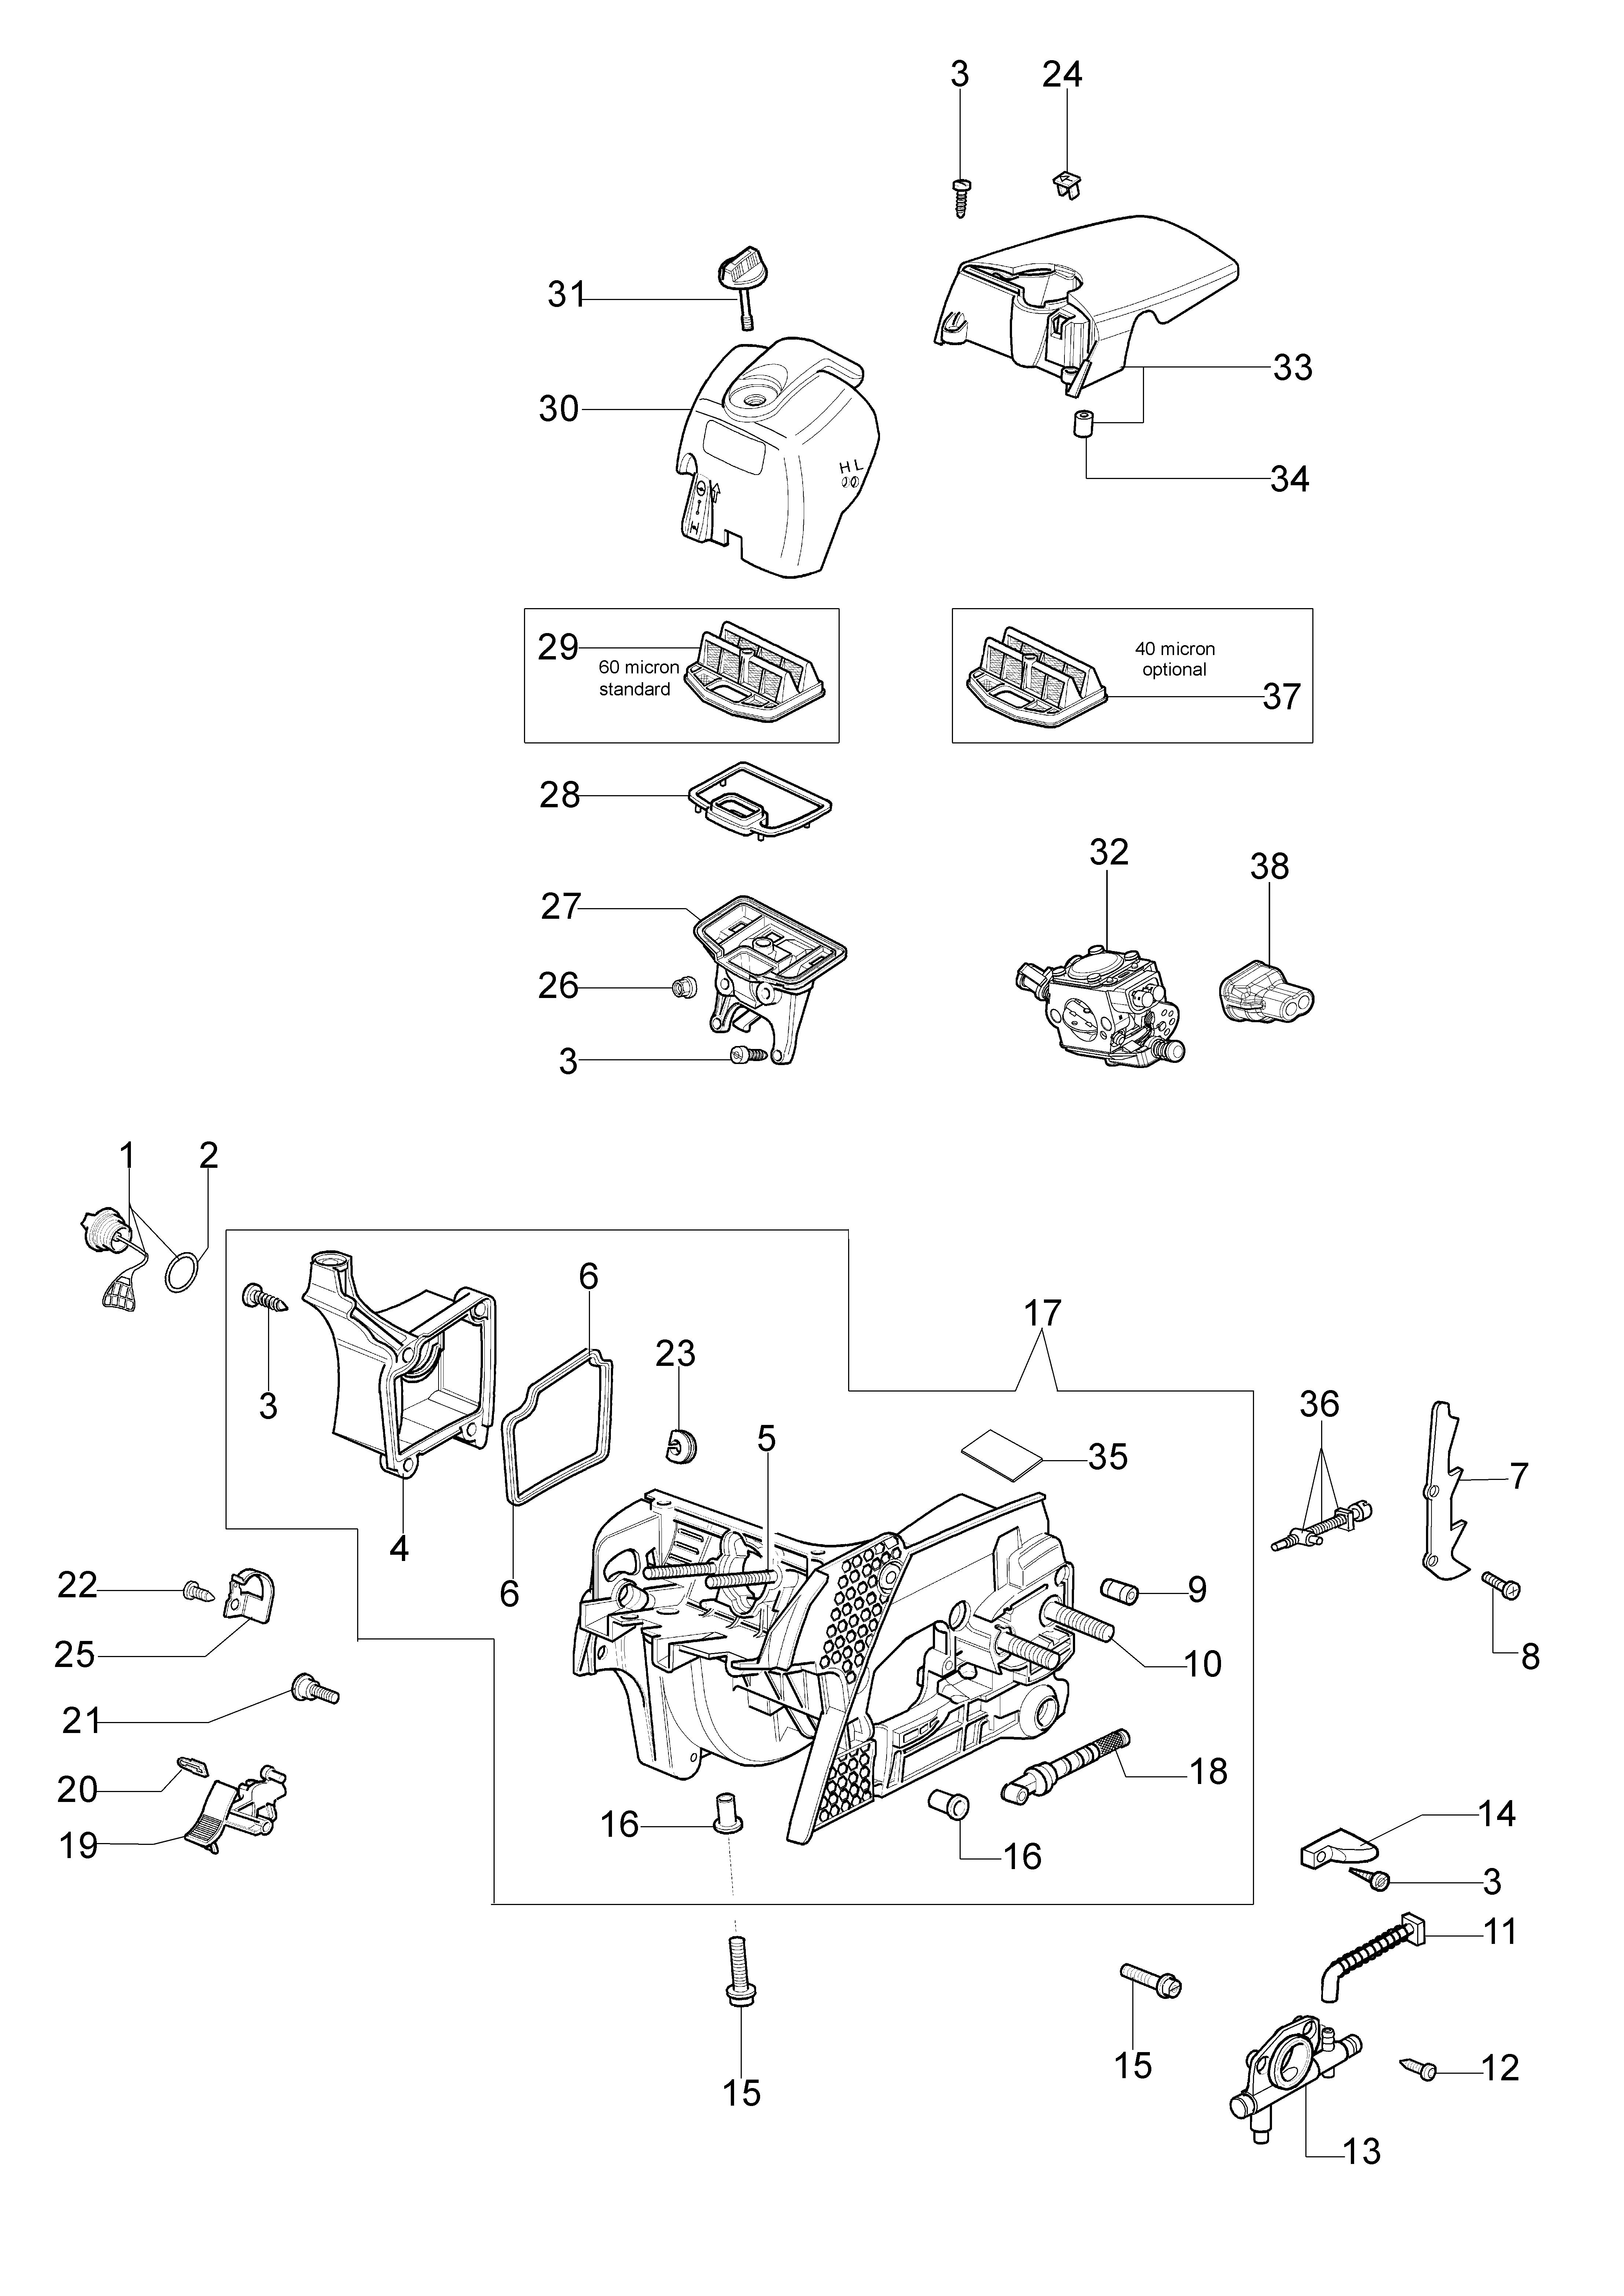 GS 370 (Euro 2) Tronçonneuse oleomac Dessins pièces vue éclatée Soubassement